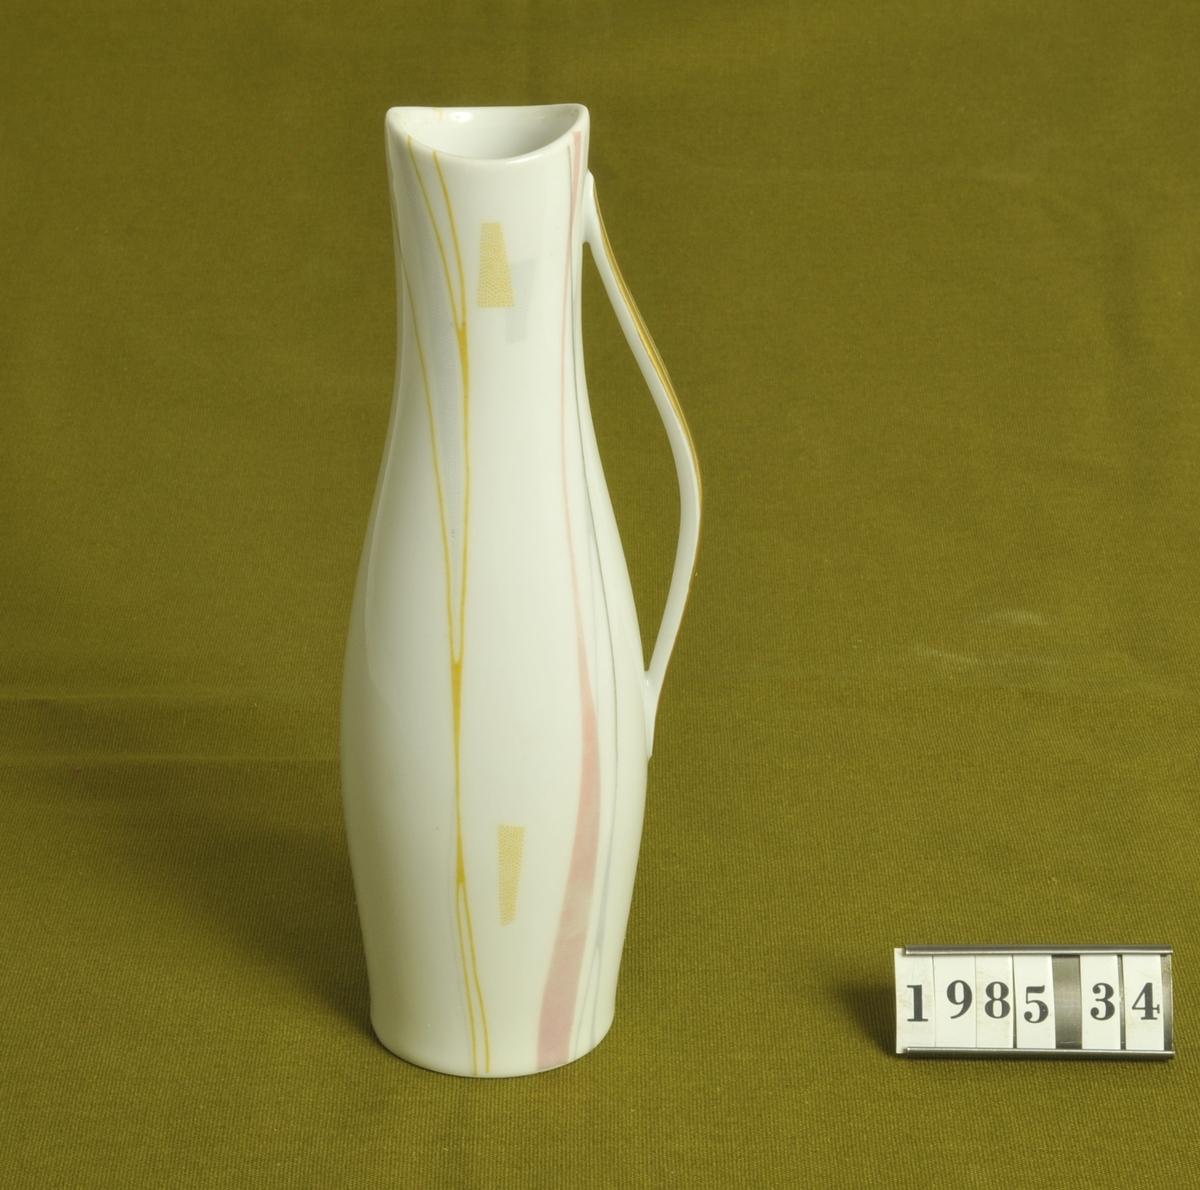 """Vitglaserat porslin med enkel dekor i gult, grått och rosa. Handtag med guldfärg på utsidan.  Tysktillverkad: """"Eschenbach Bavaria Germany W 3157 107"""". 1950-talsmodell."""